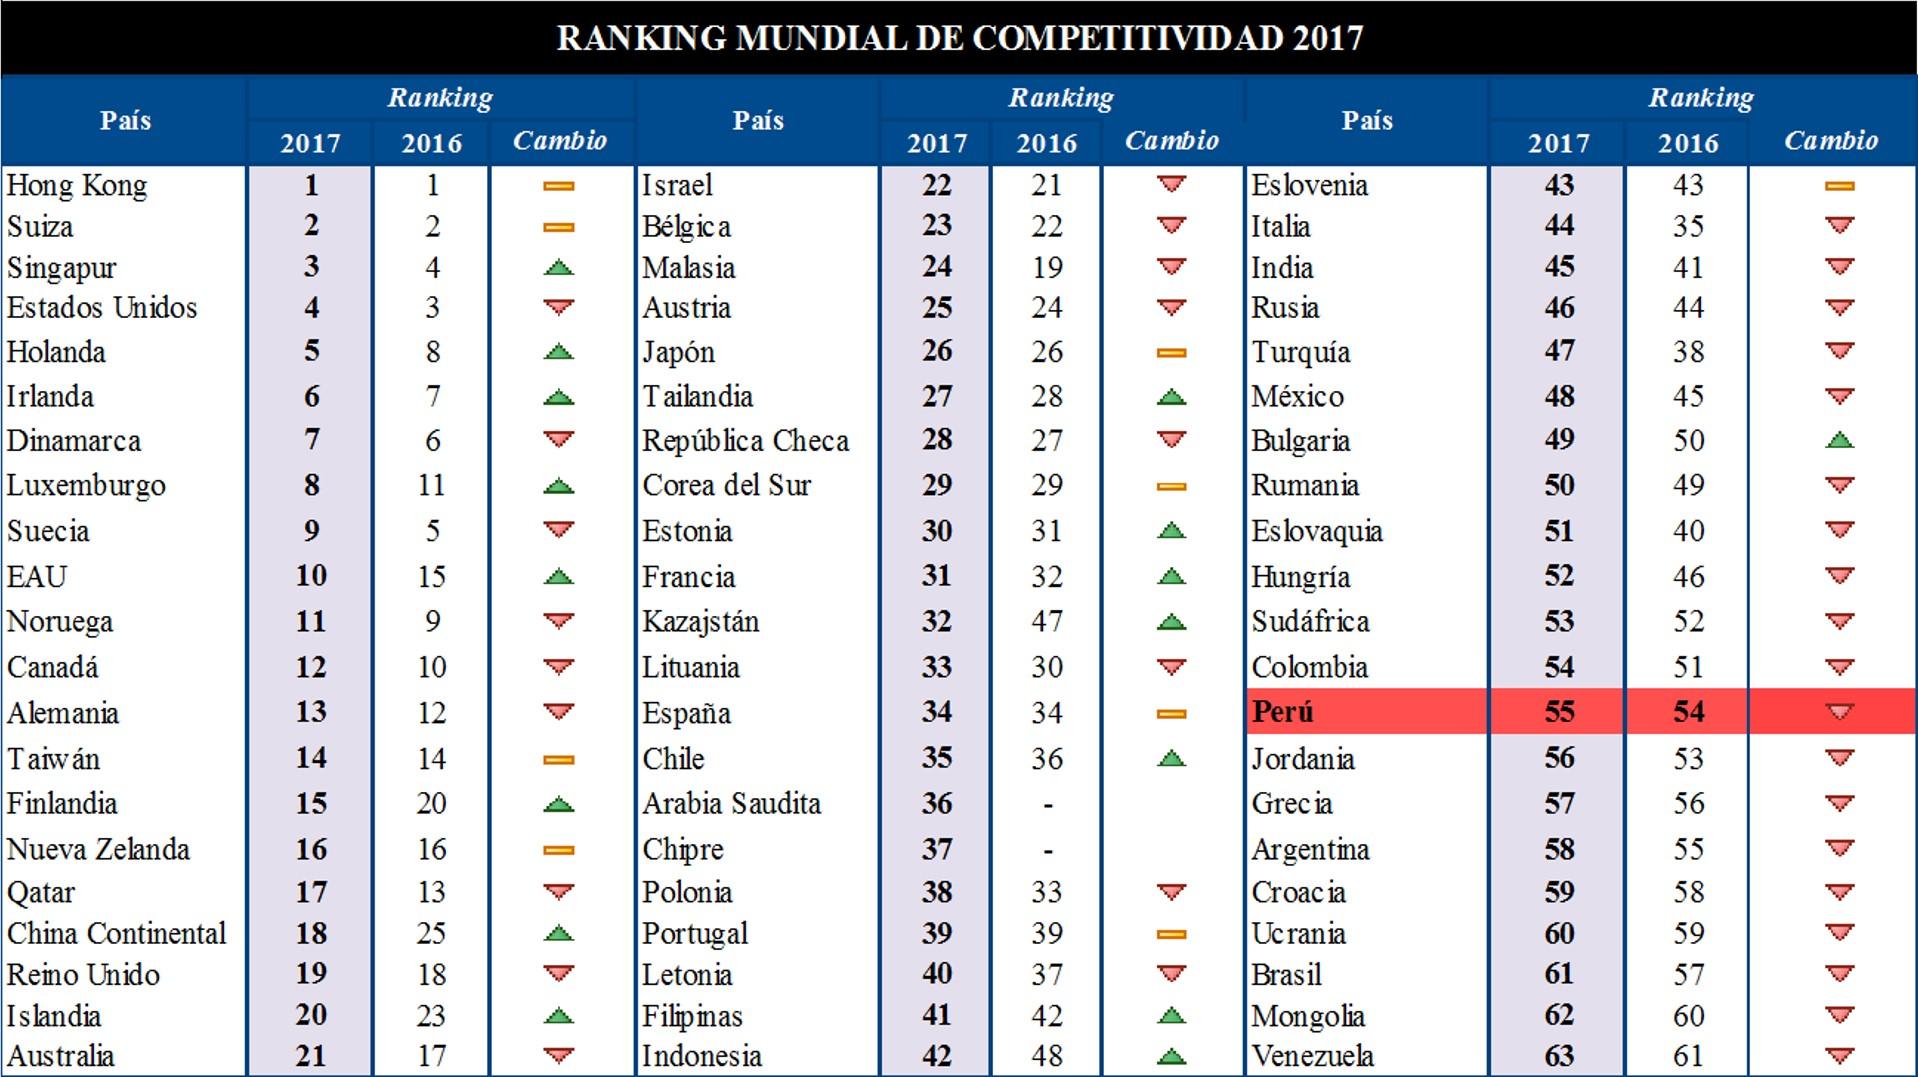 Los 10 países con mayor competitividad, según ránking mundial